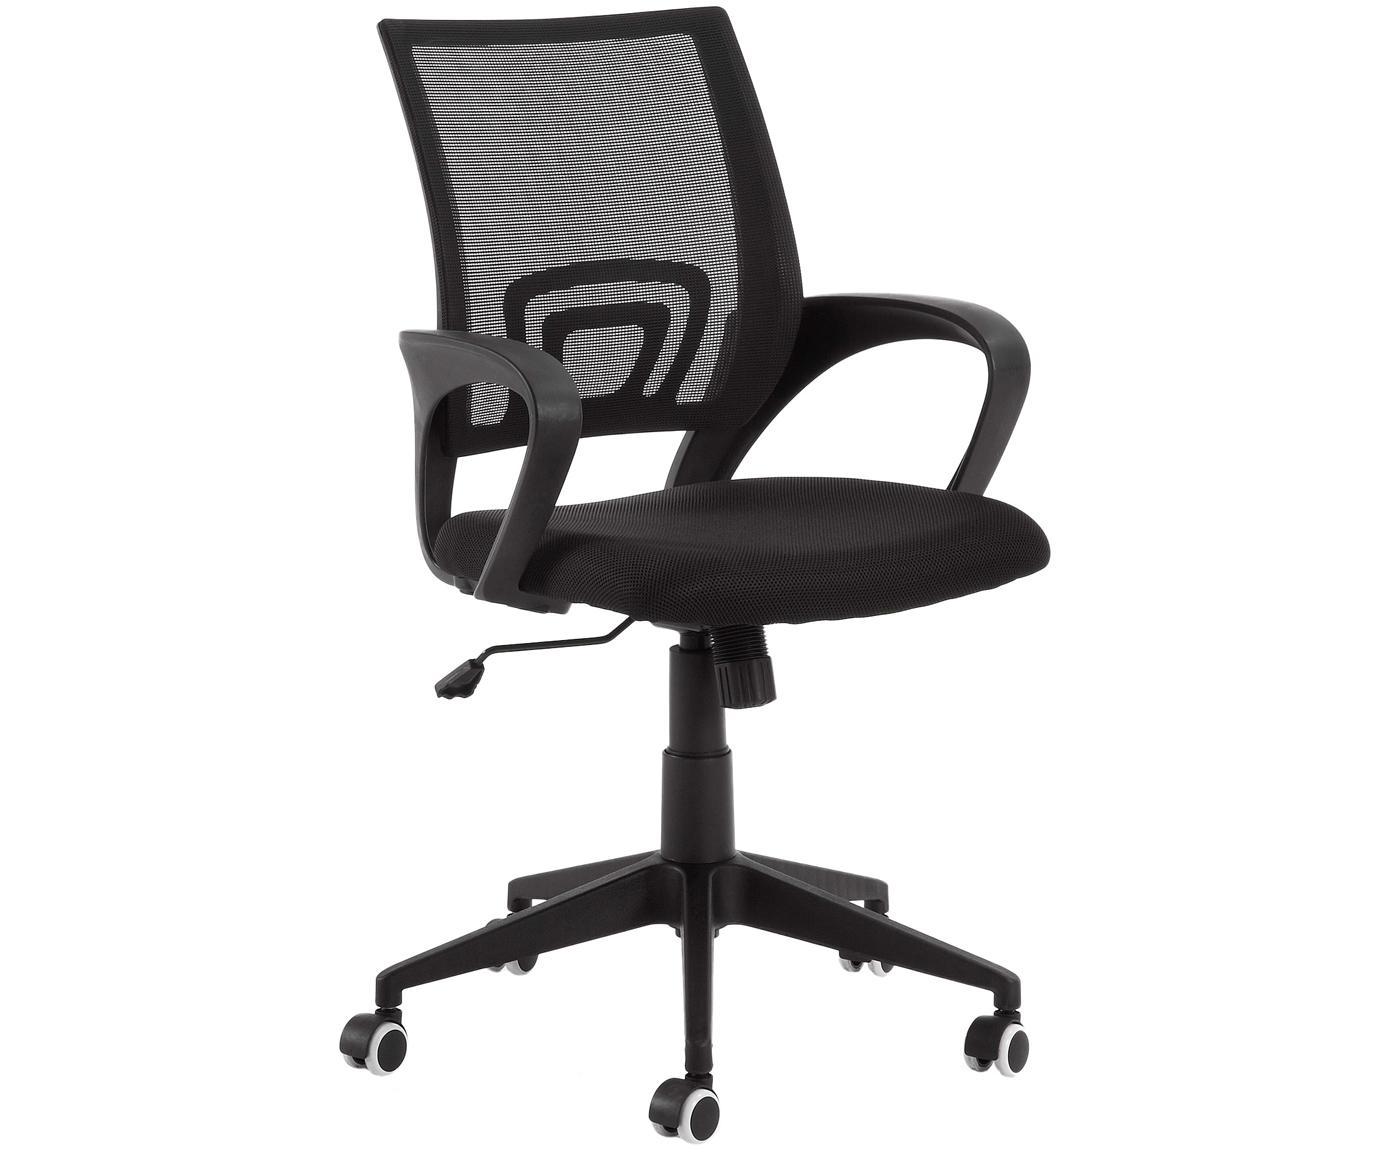 Bürodrehstuhl Rail, höhenverstellbar, Füße: Metall, lackiert, Rollen: Kunststoff (Polyurethan), Schwarz, 63 x 91 cm